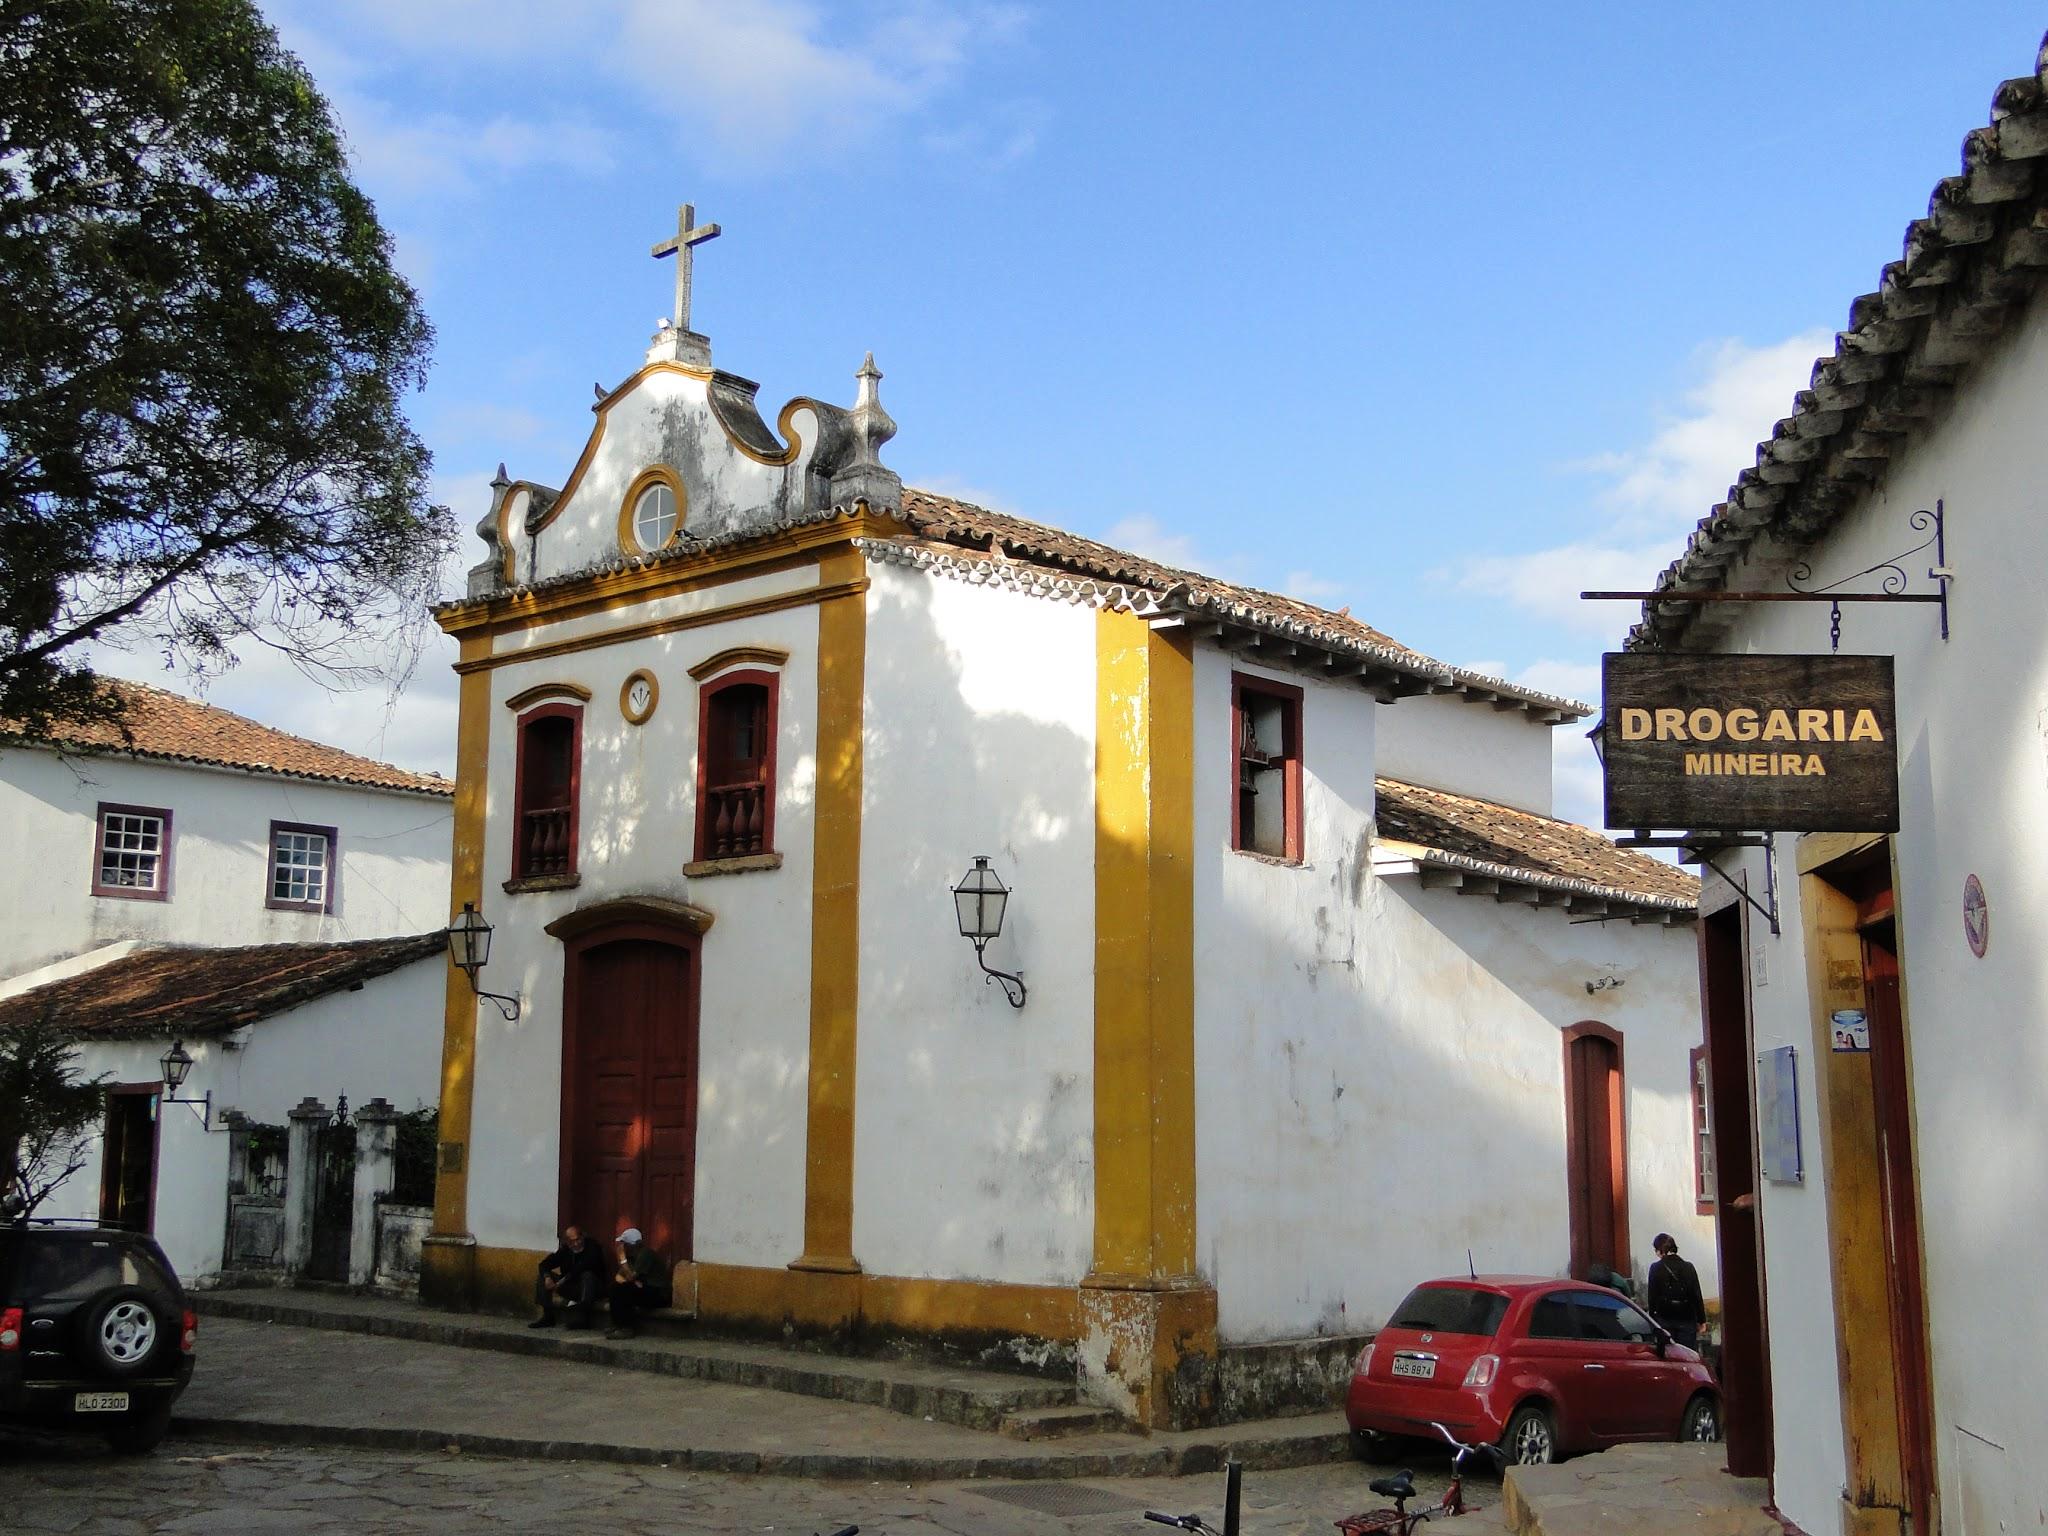 Capela Bom Jesus da Pobreza, Tiradentes/MG